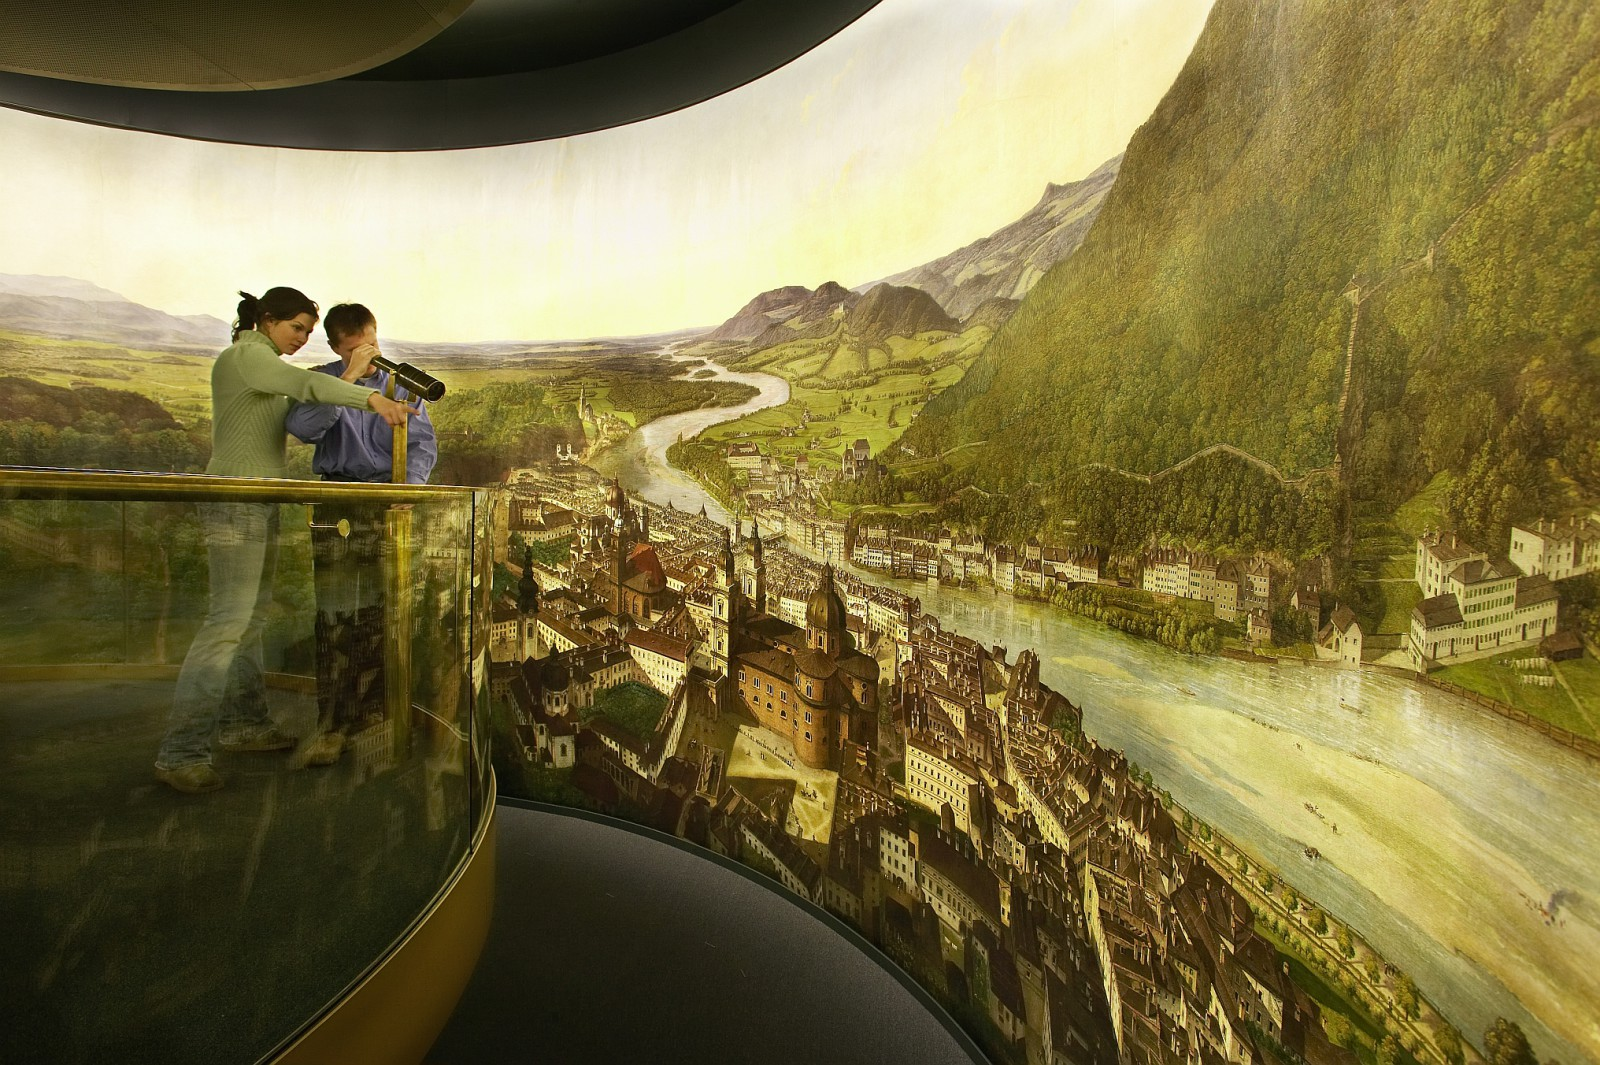 Mit dem Fernrohr auf Entdeckungsreise ©Salzburg Museum